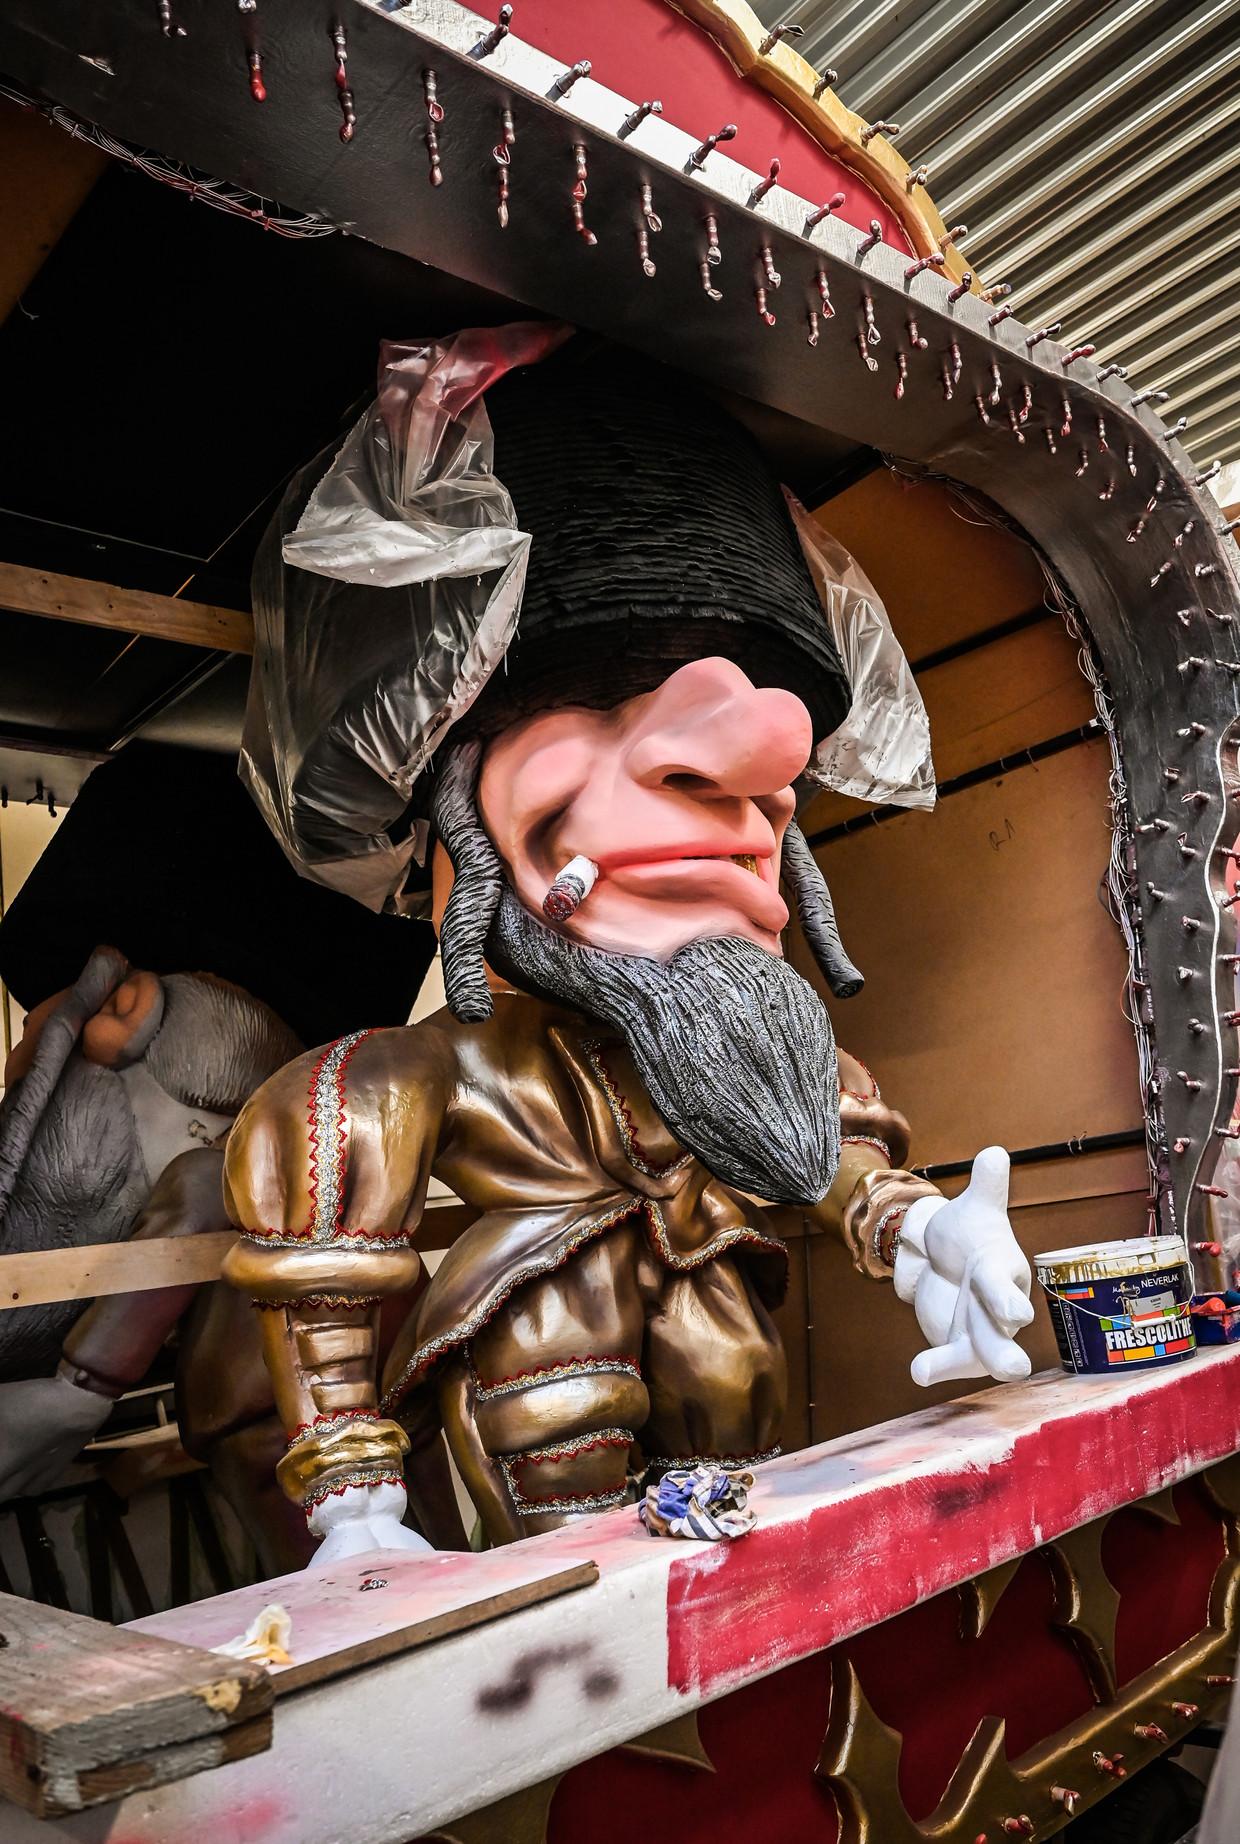 'Carnaval is – hoe onnozel ook – een duidelijk afgebakend ritueel waar iedereen vegen uit pan krijgt', vindt lezer Alain Franzolini. Beeld Joel Hoylaerts - Photo News